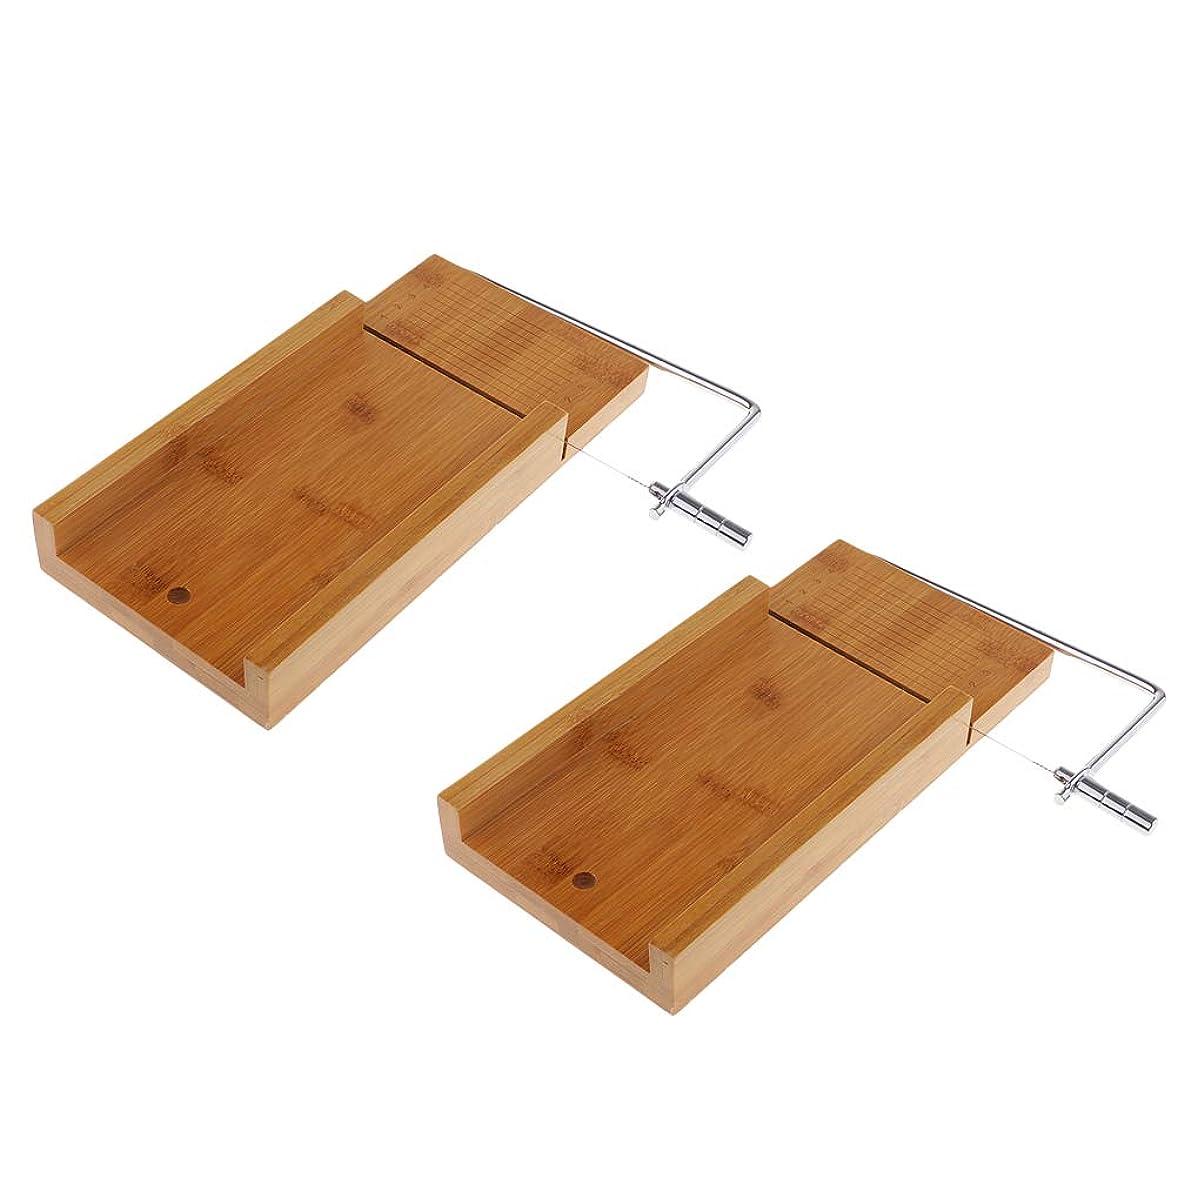 垂直代替イブニングD DOLITY ソープカッター 台 木質 チーズナイフ せっけんカッター ワイヤー ソープスライサー 2個入り